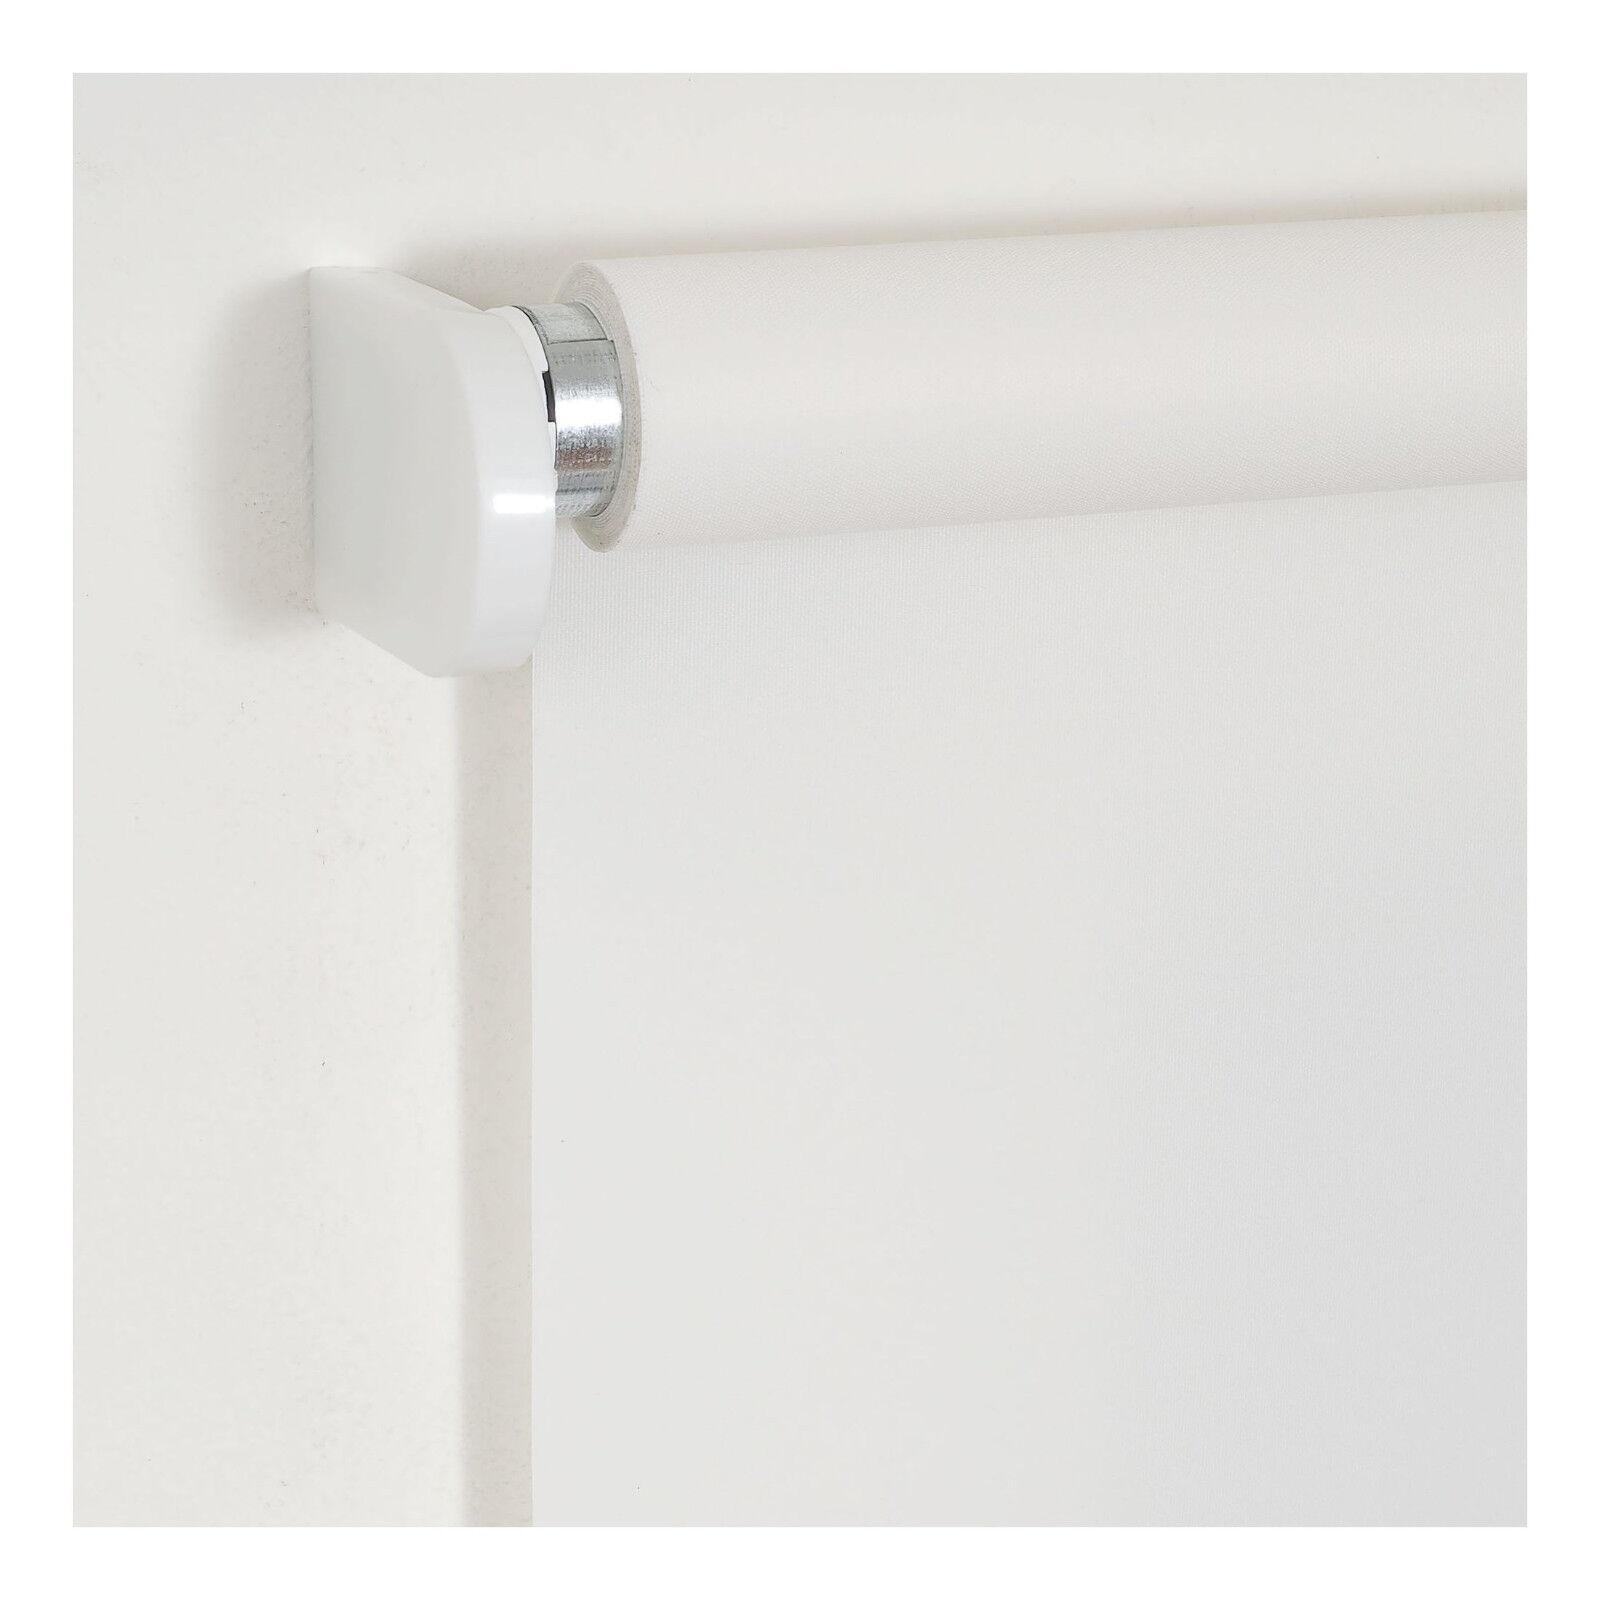 Schnapprollo Weiß Mittelzugrollo Tür Fensterrollo Sichtschutz Dekoration  | Bestellungen Sind Willkommen  | Vorzüglich  | Ausgezeichnetes Preis